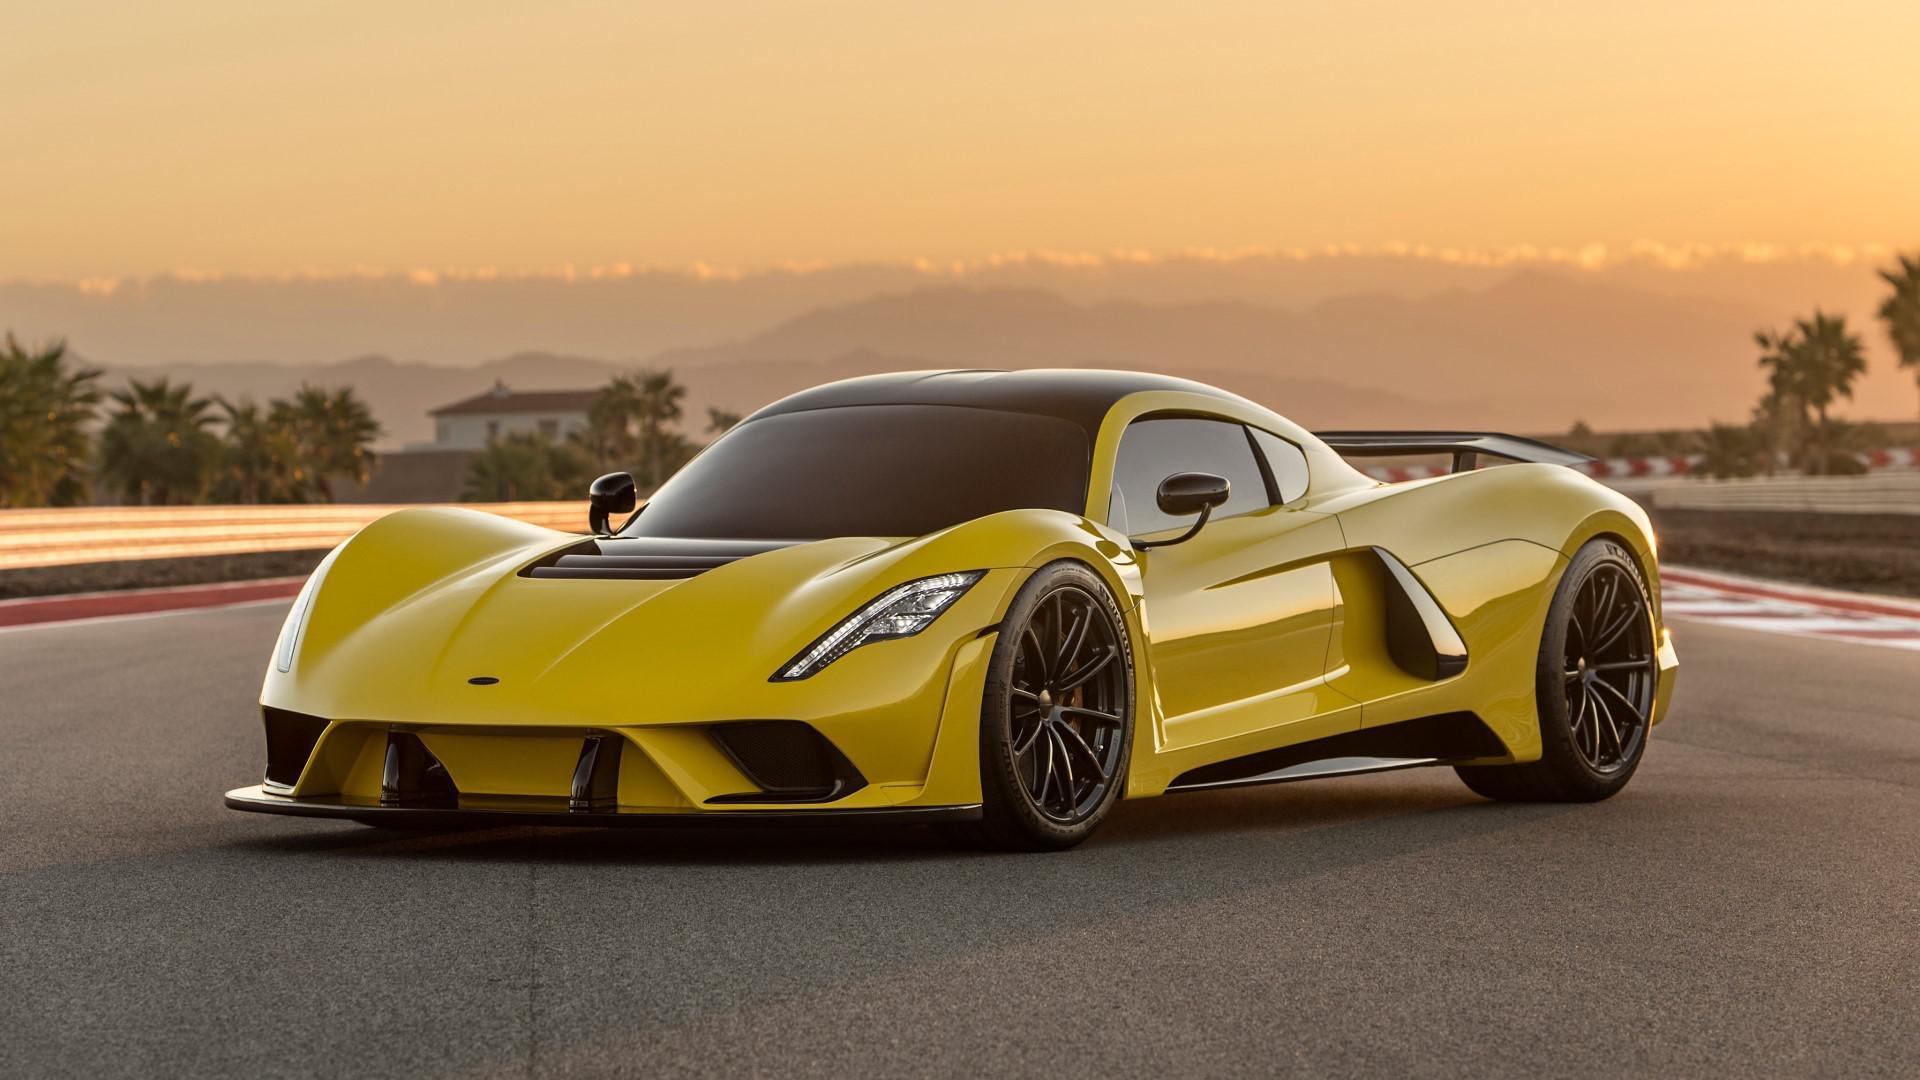 quelle-est-la-voiture-de-serie-la-plus-rapide-au-monde-1290-5.jpg